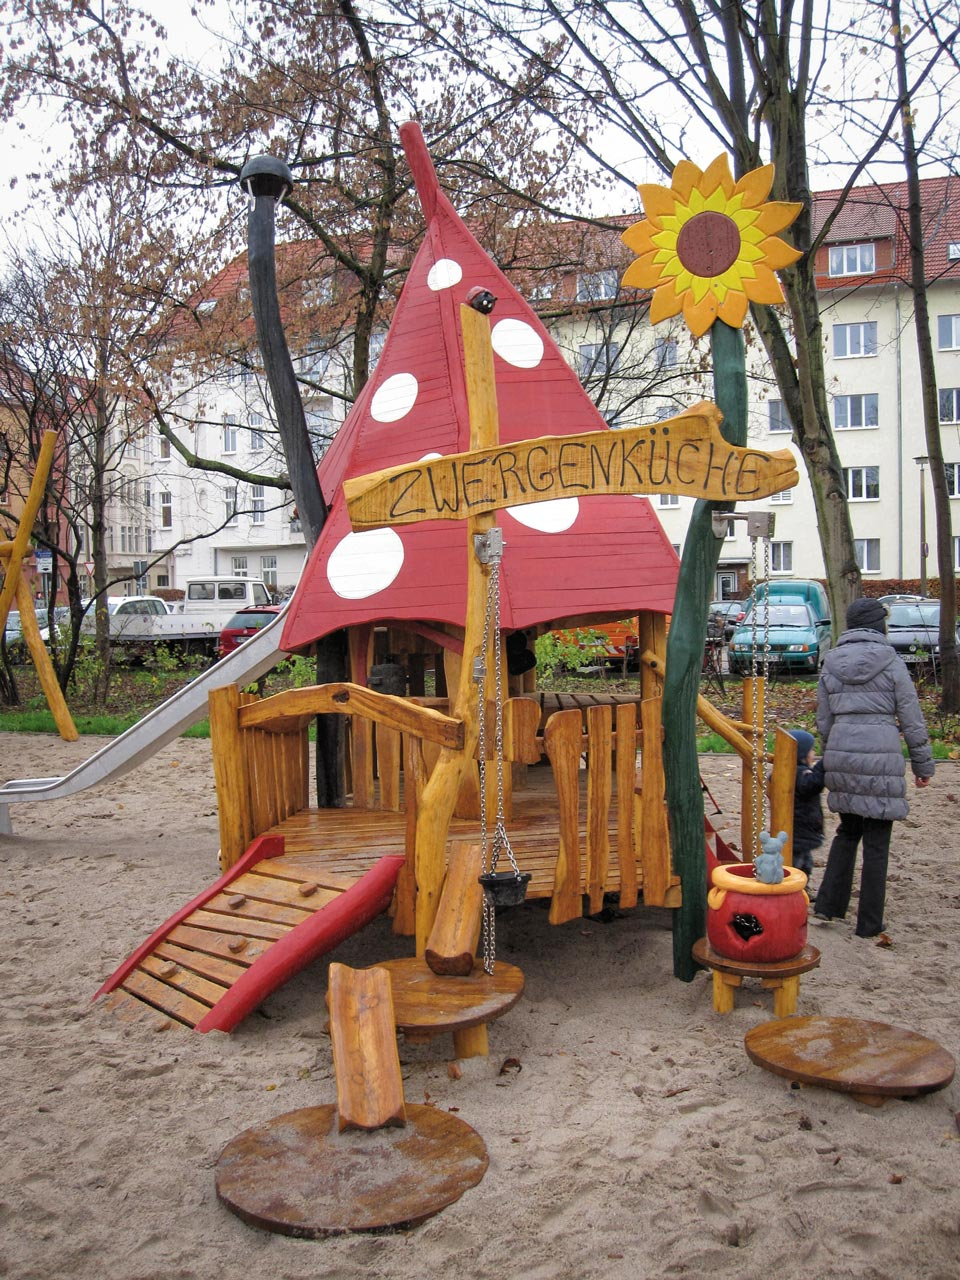 C 86 Spielhaus Zwergenküche